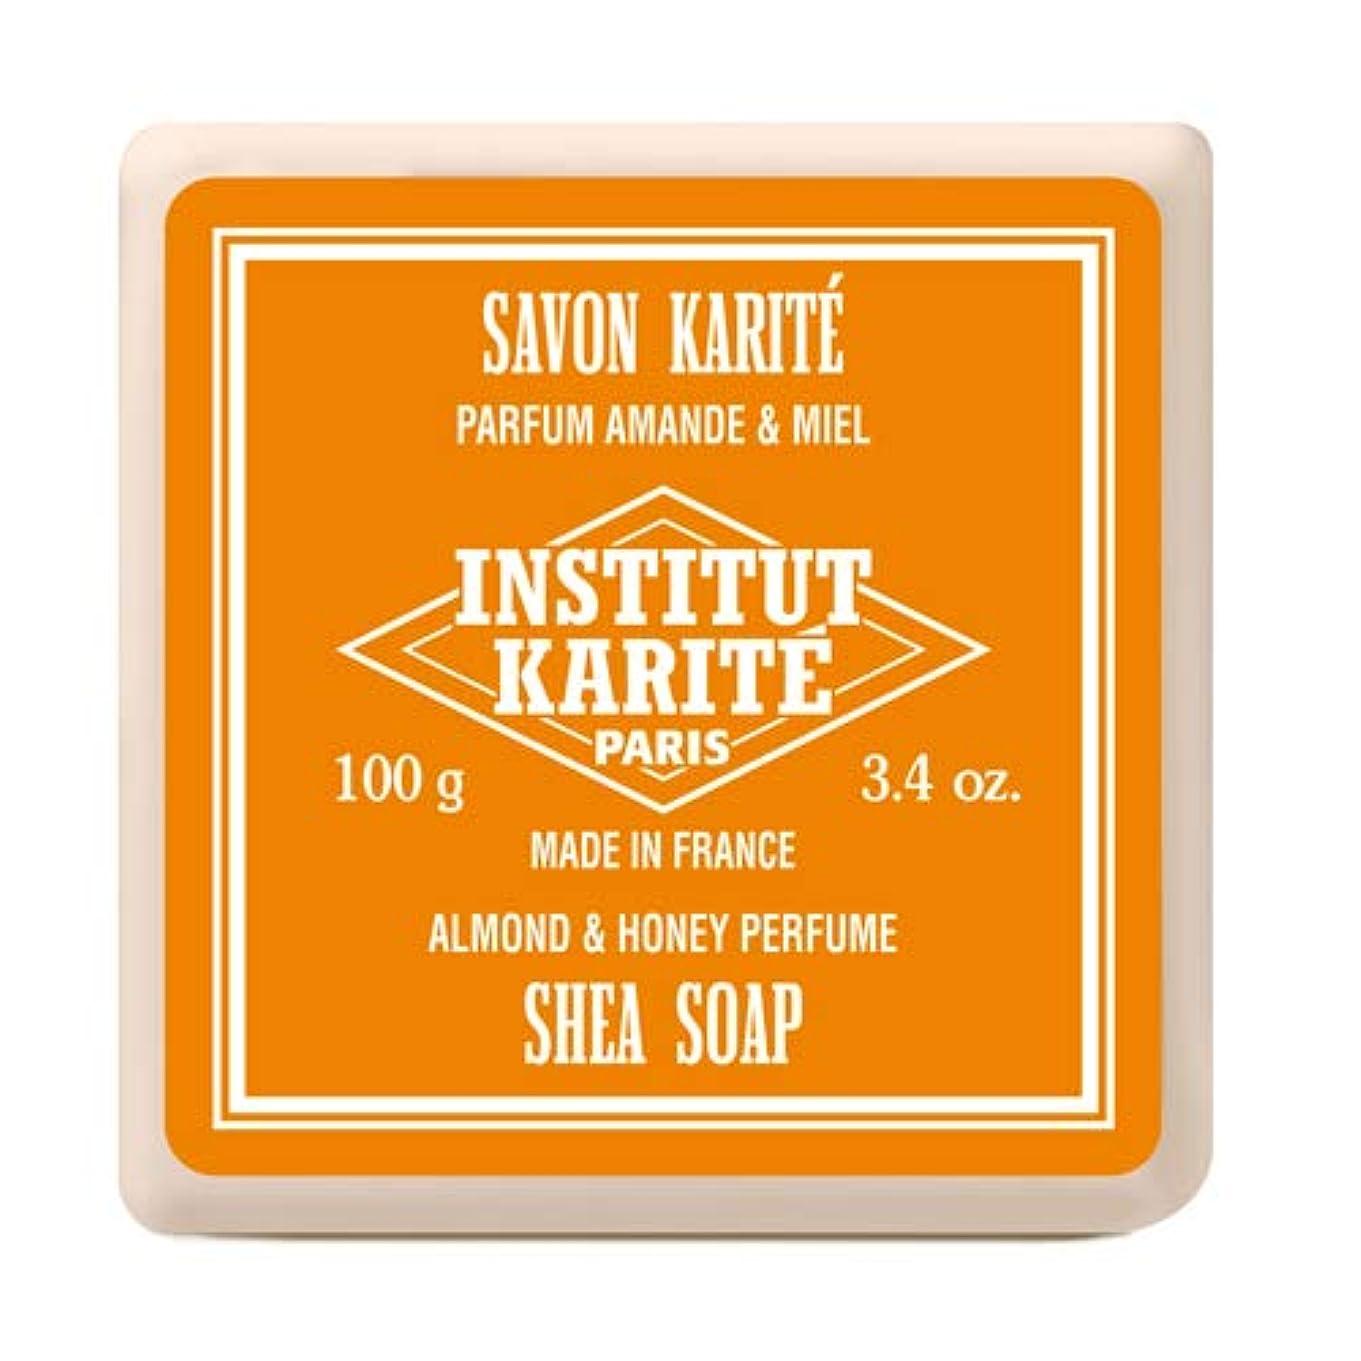 おもてなしクアッガお風呂を持っているINSTITUT KARITE インスティテュート カリテ Shea Wrapped Soap シアソープ 100g Almond & Honey アーモンド&ハニー